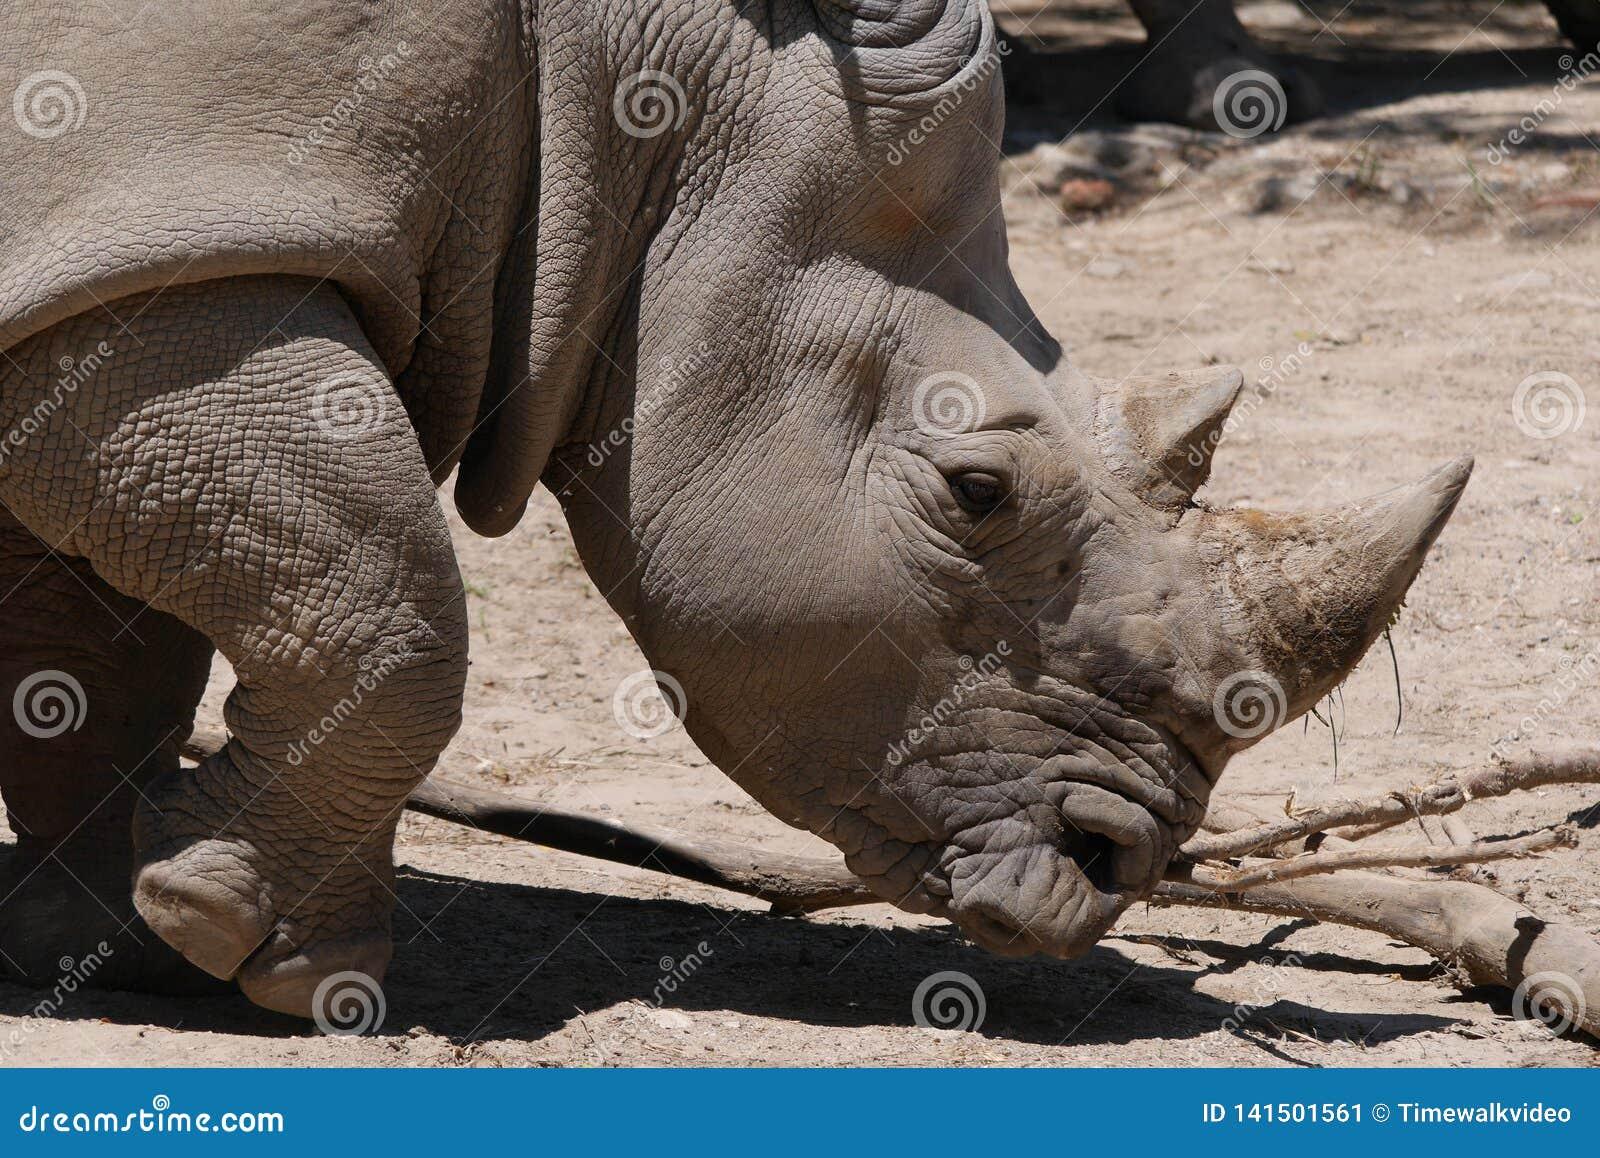 Ritratto del rinoceronte in habitat sterile